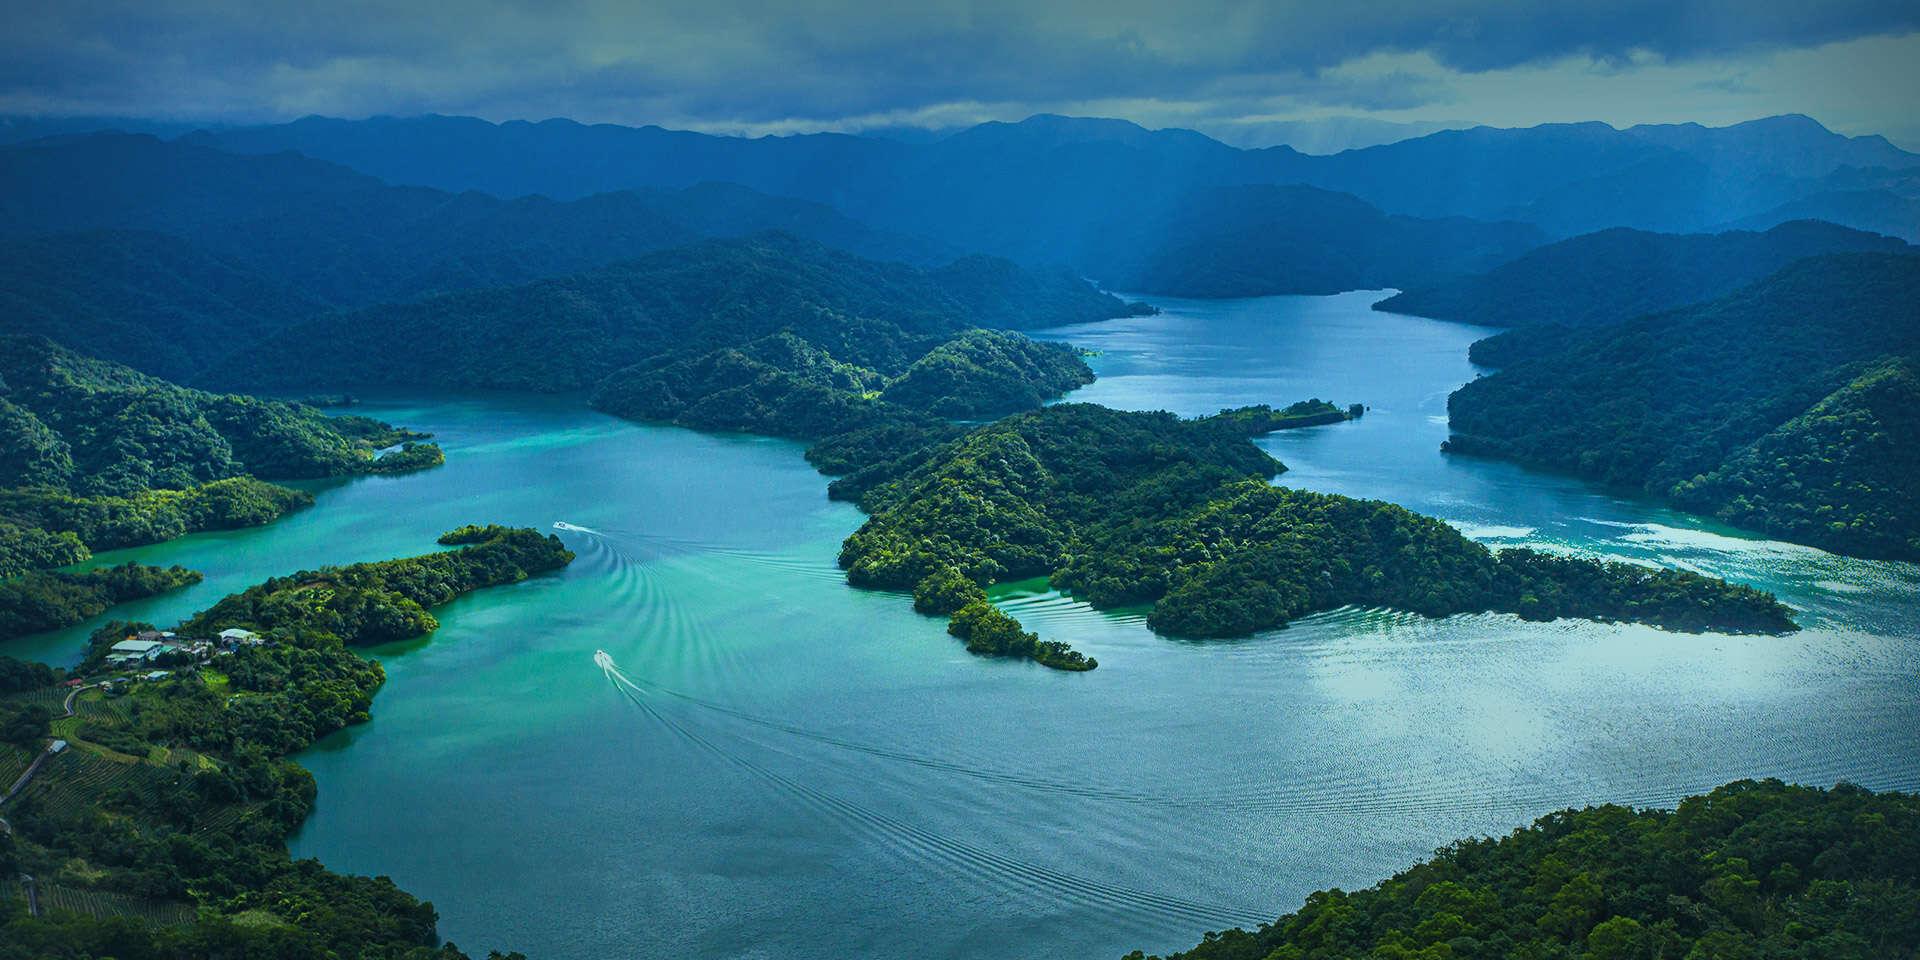 Overlook the Thousand-Island Lake